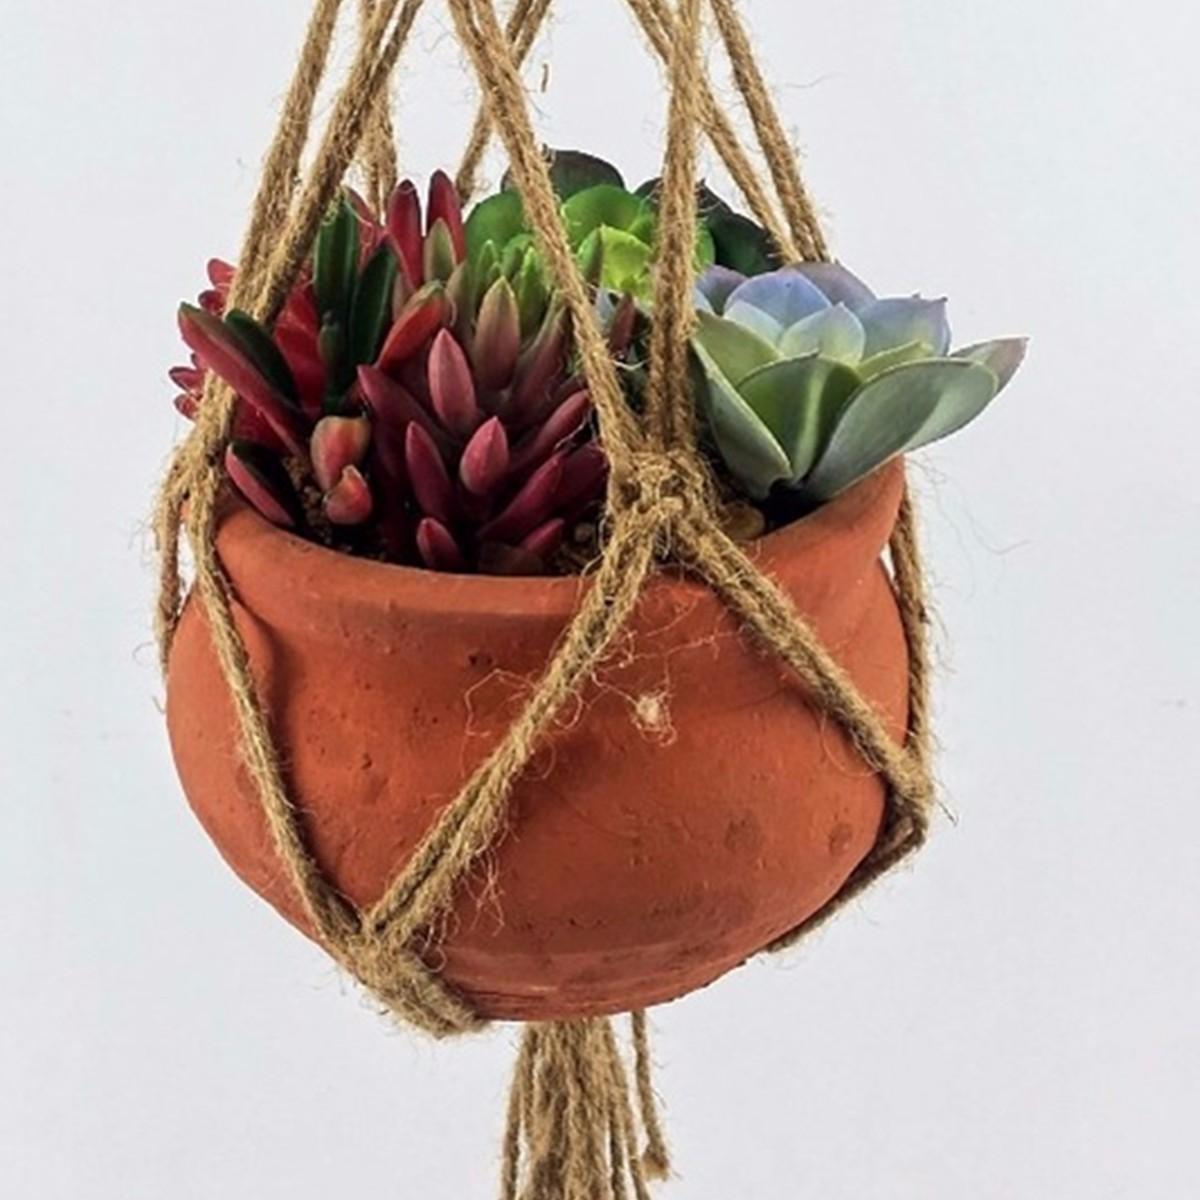 40 pollici corda pianta fiori gancio macramè iuta coperta cavo decorativo esterno